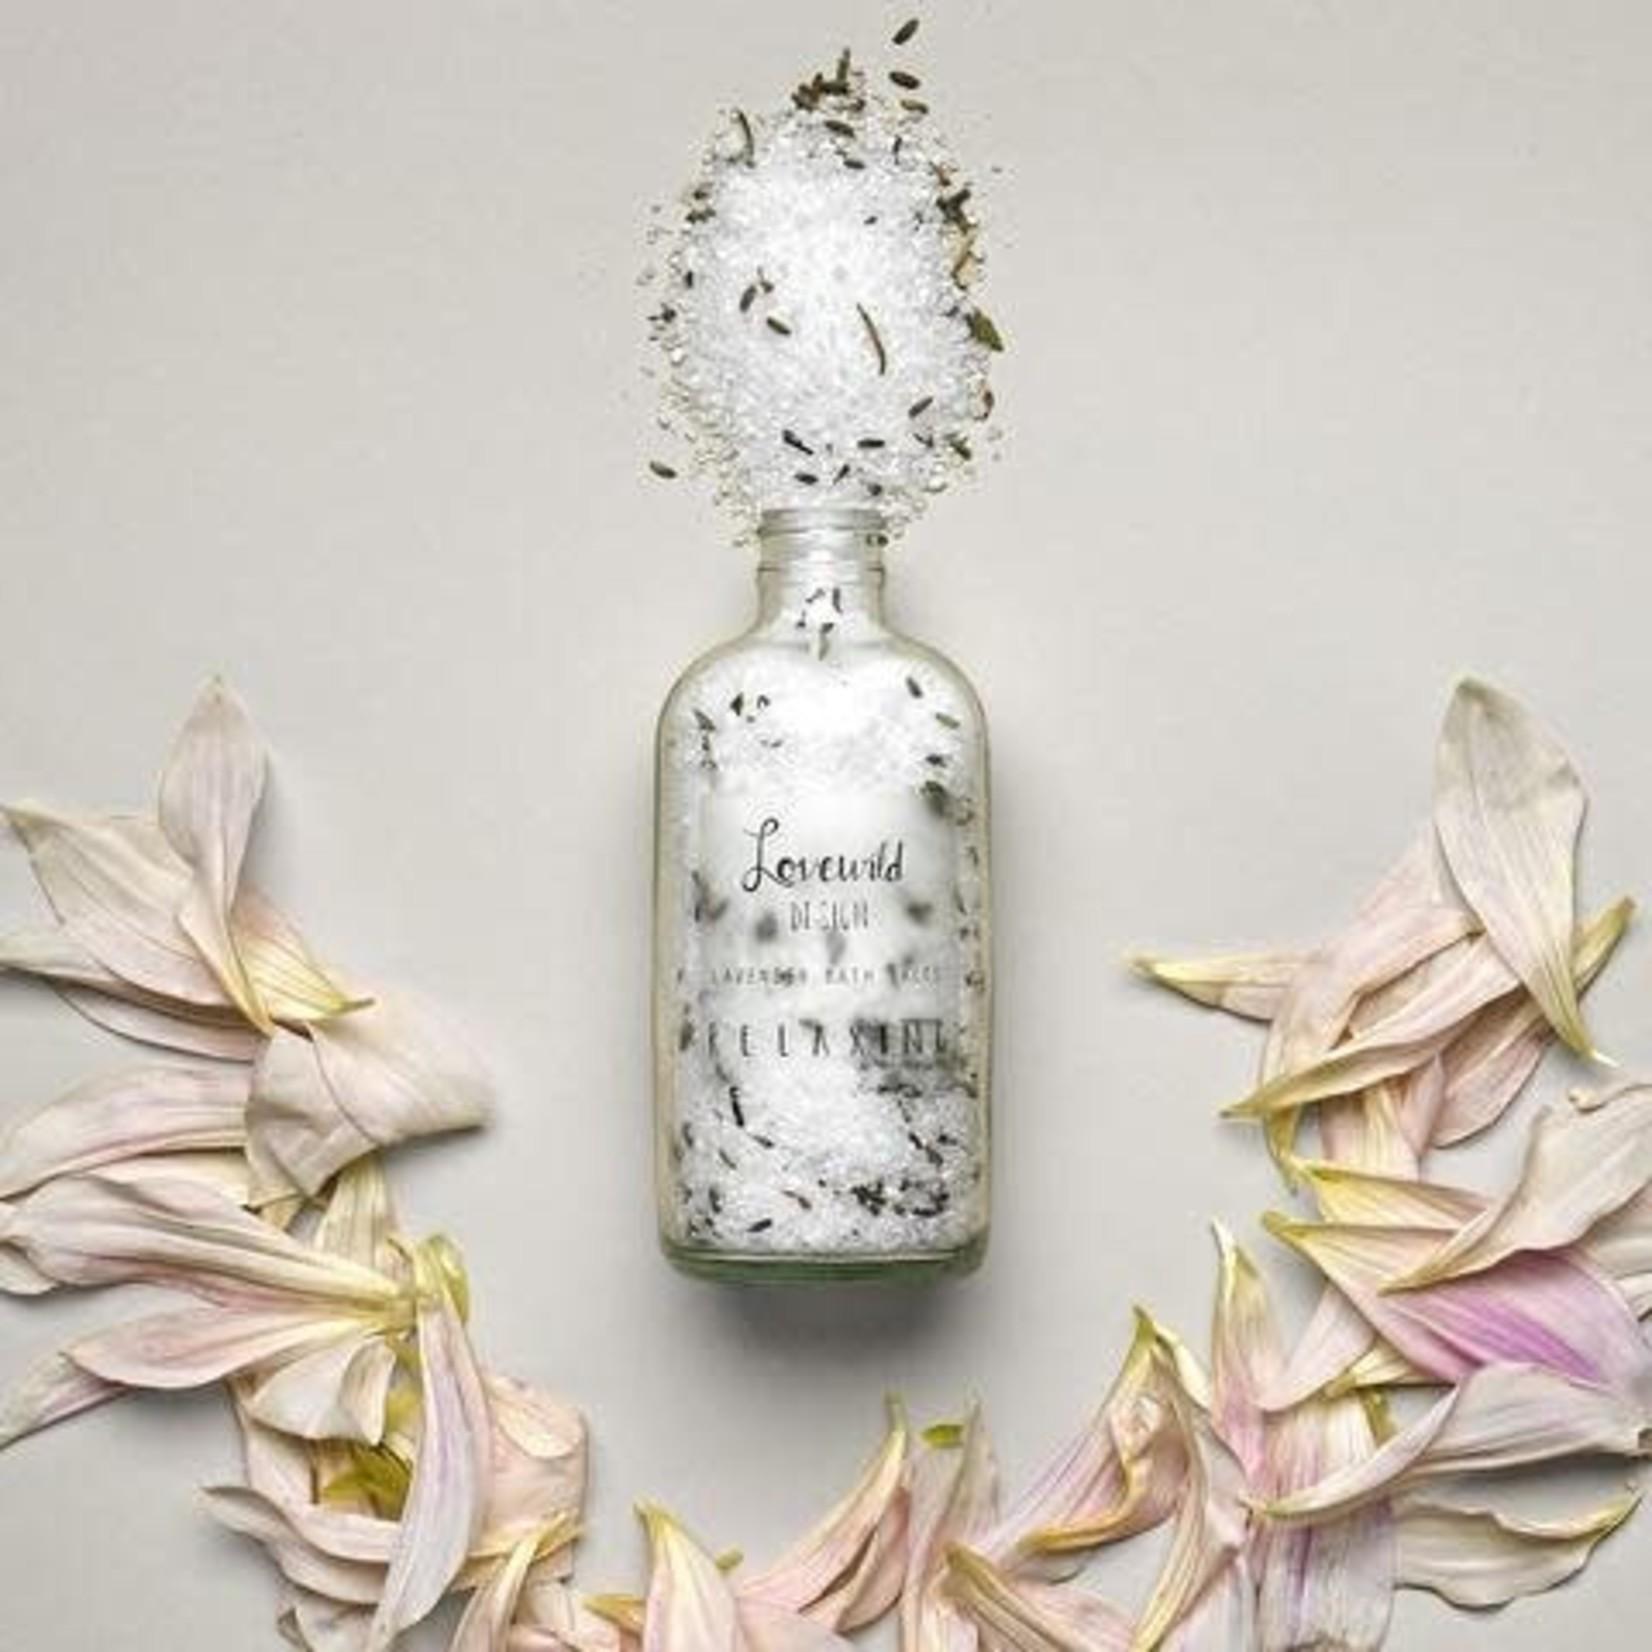 Lovewild Designs Lavender Bath Salt